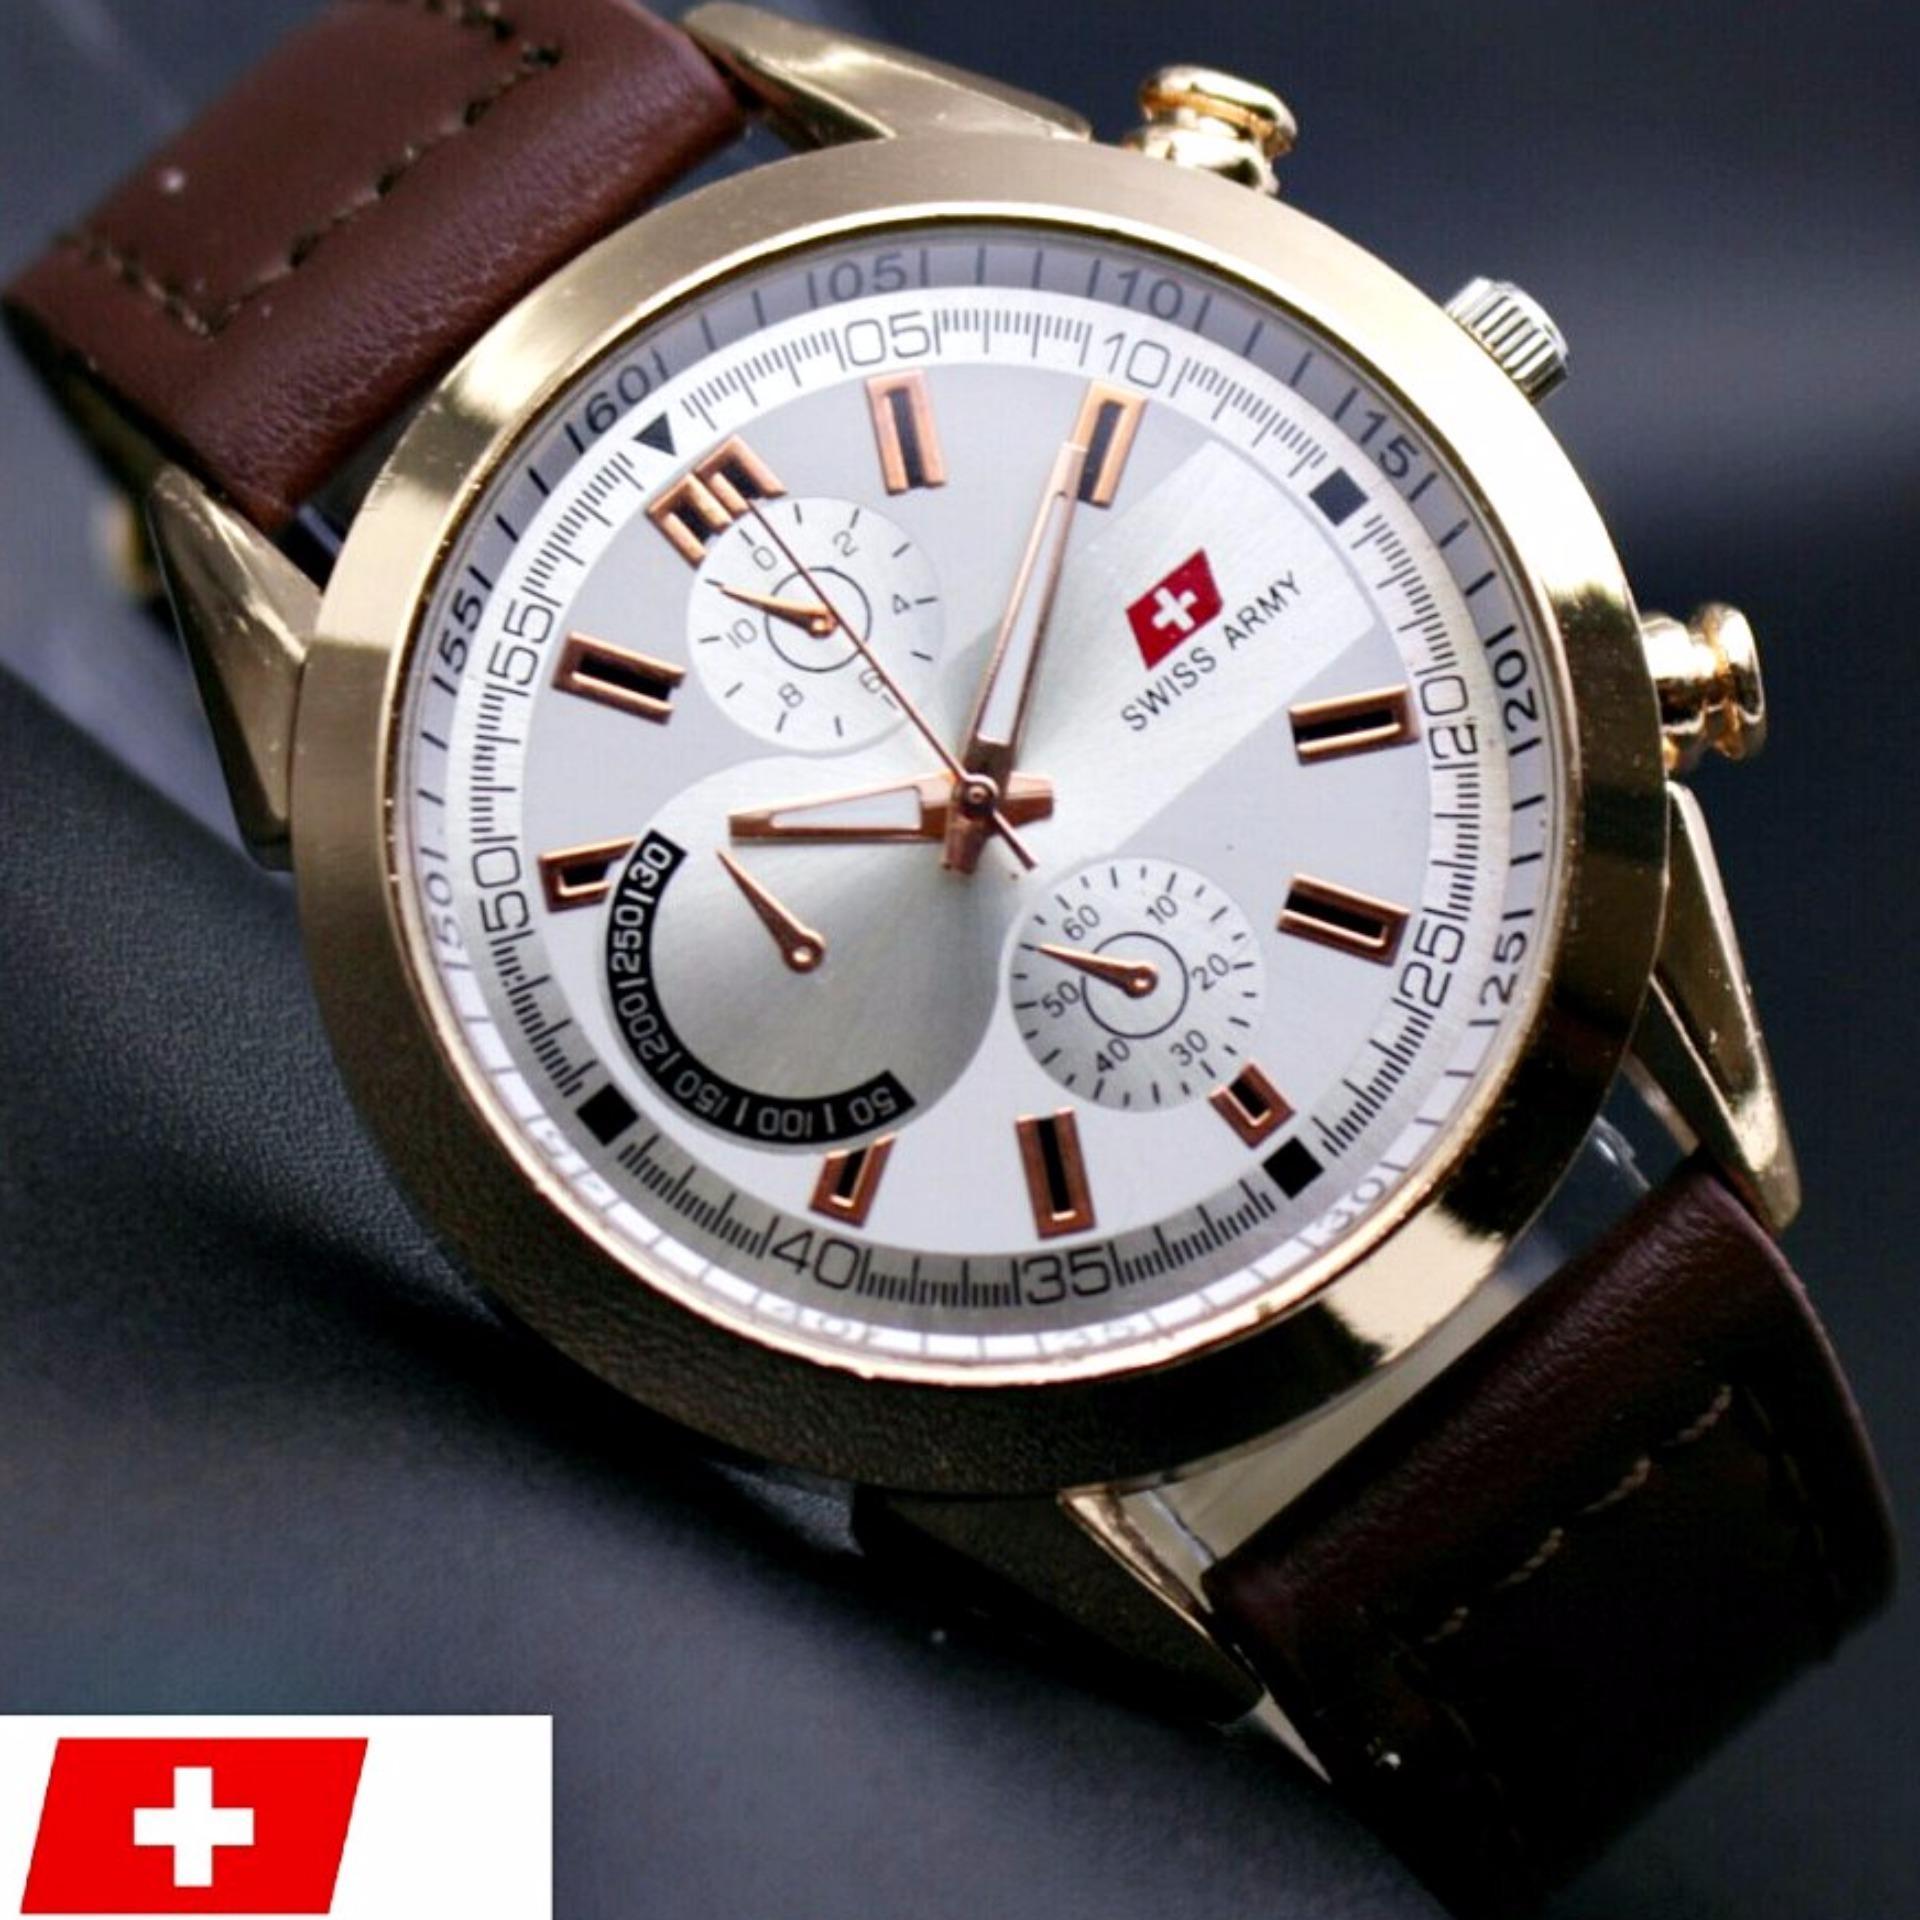 Harga Swiss Army Jam Tangan Pria Leather Strap Sa1219Z Tali Kulit Yang Murah